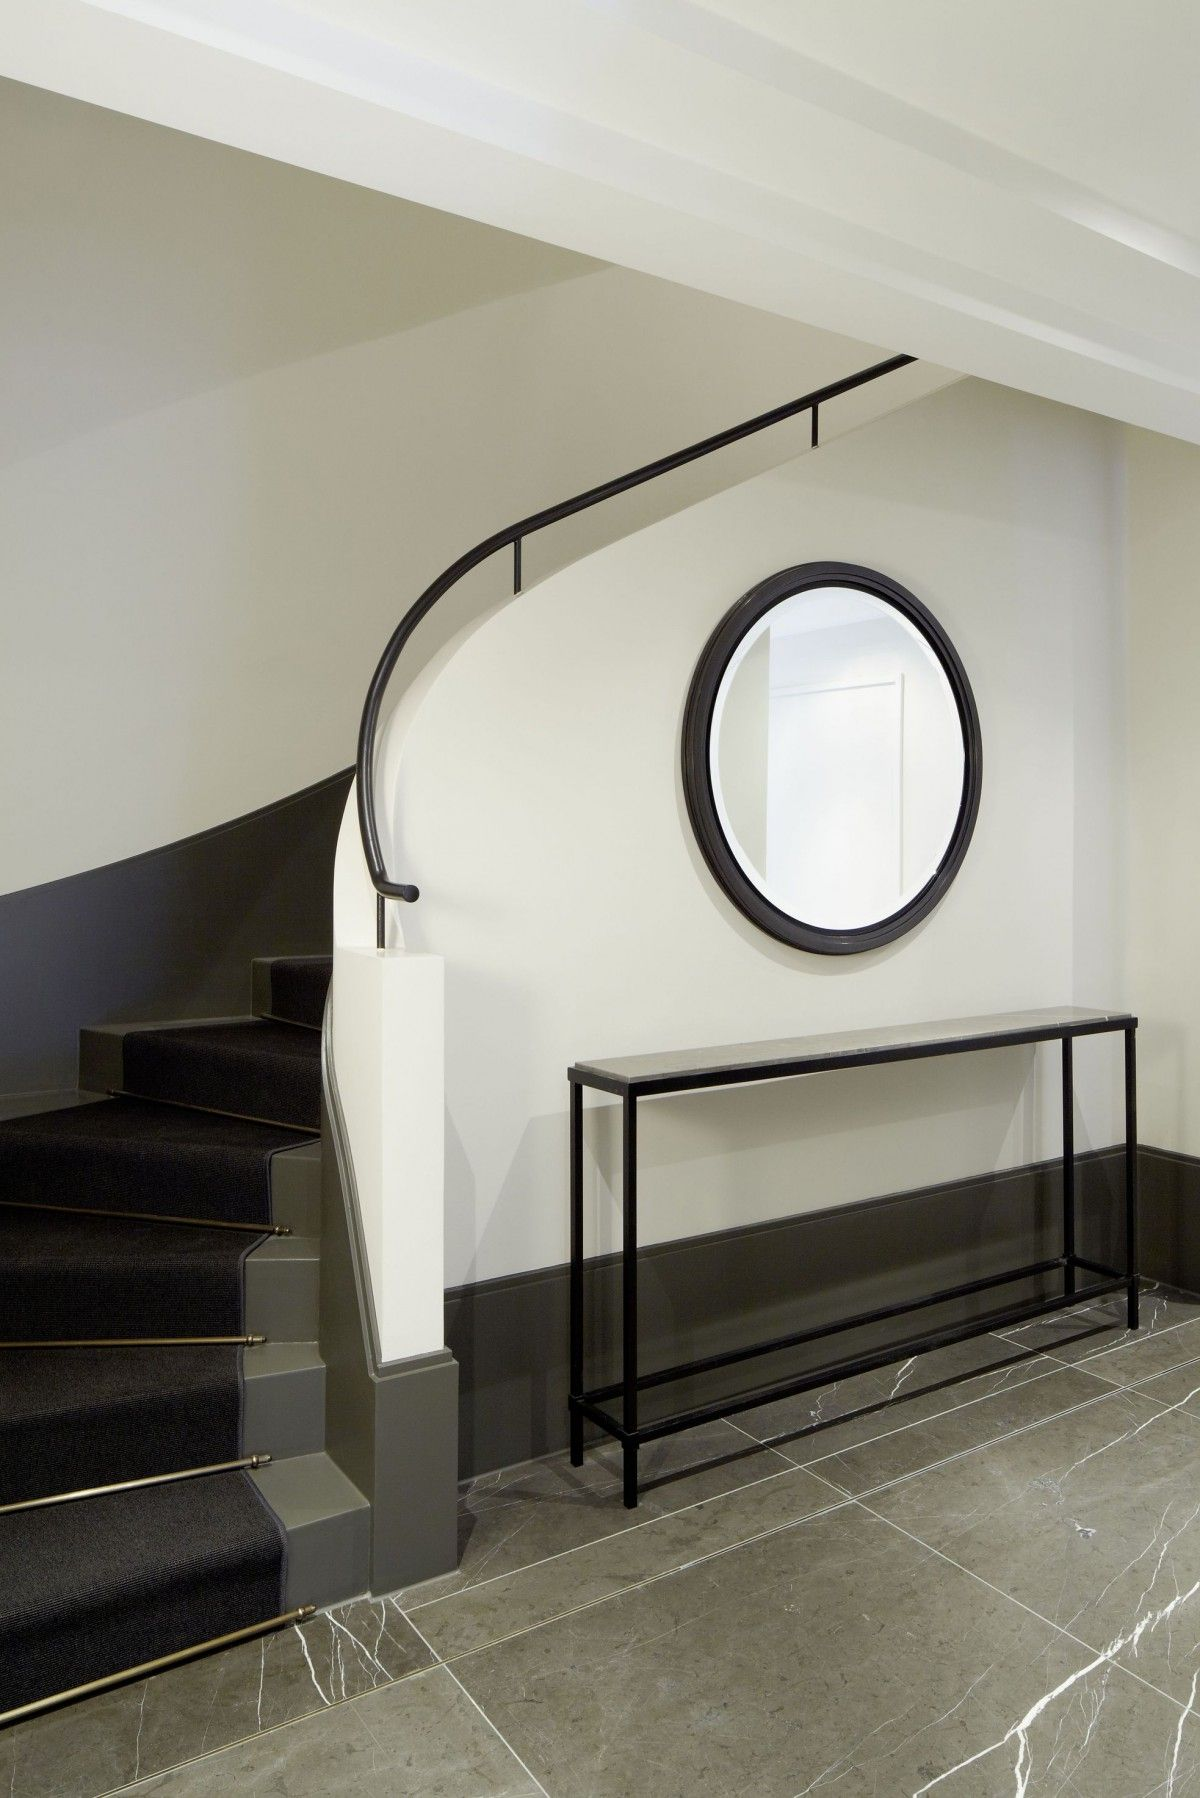 die geschwungene treppe f hrt vom eingangsbreich der mit dunklen naturstein gefliest ist in. Black Bedroom Furniture Sets. Home Design Ideas